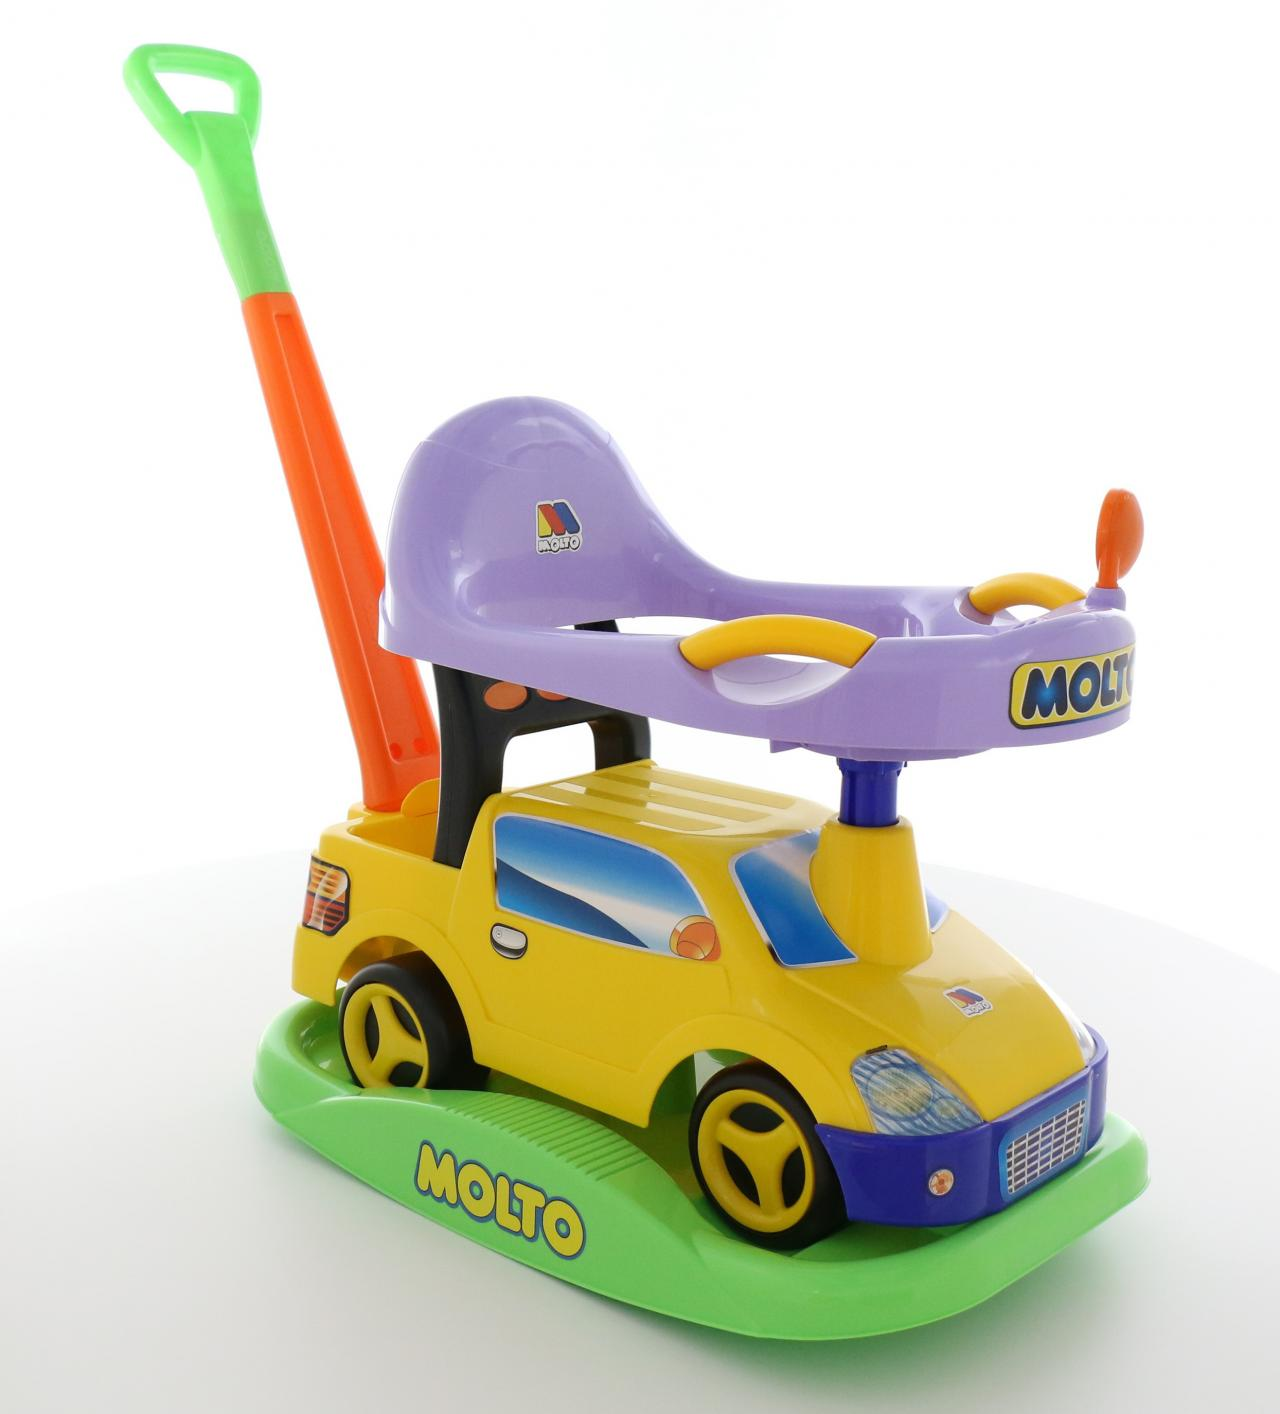 Детские игрушки Fisher Price - купить